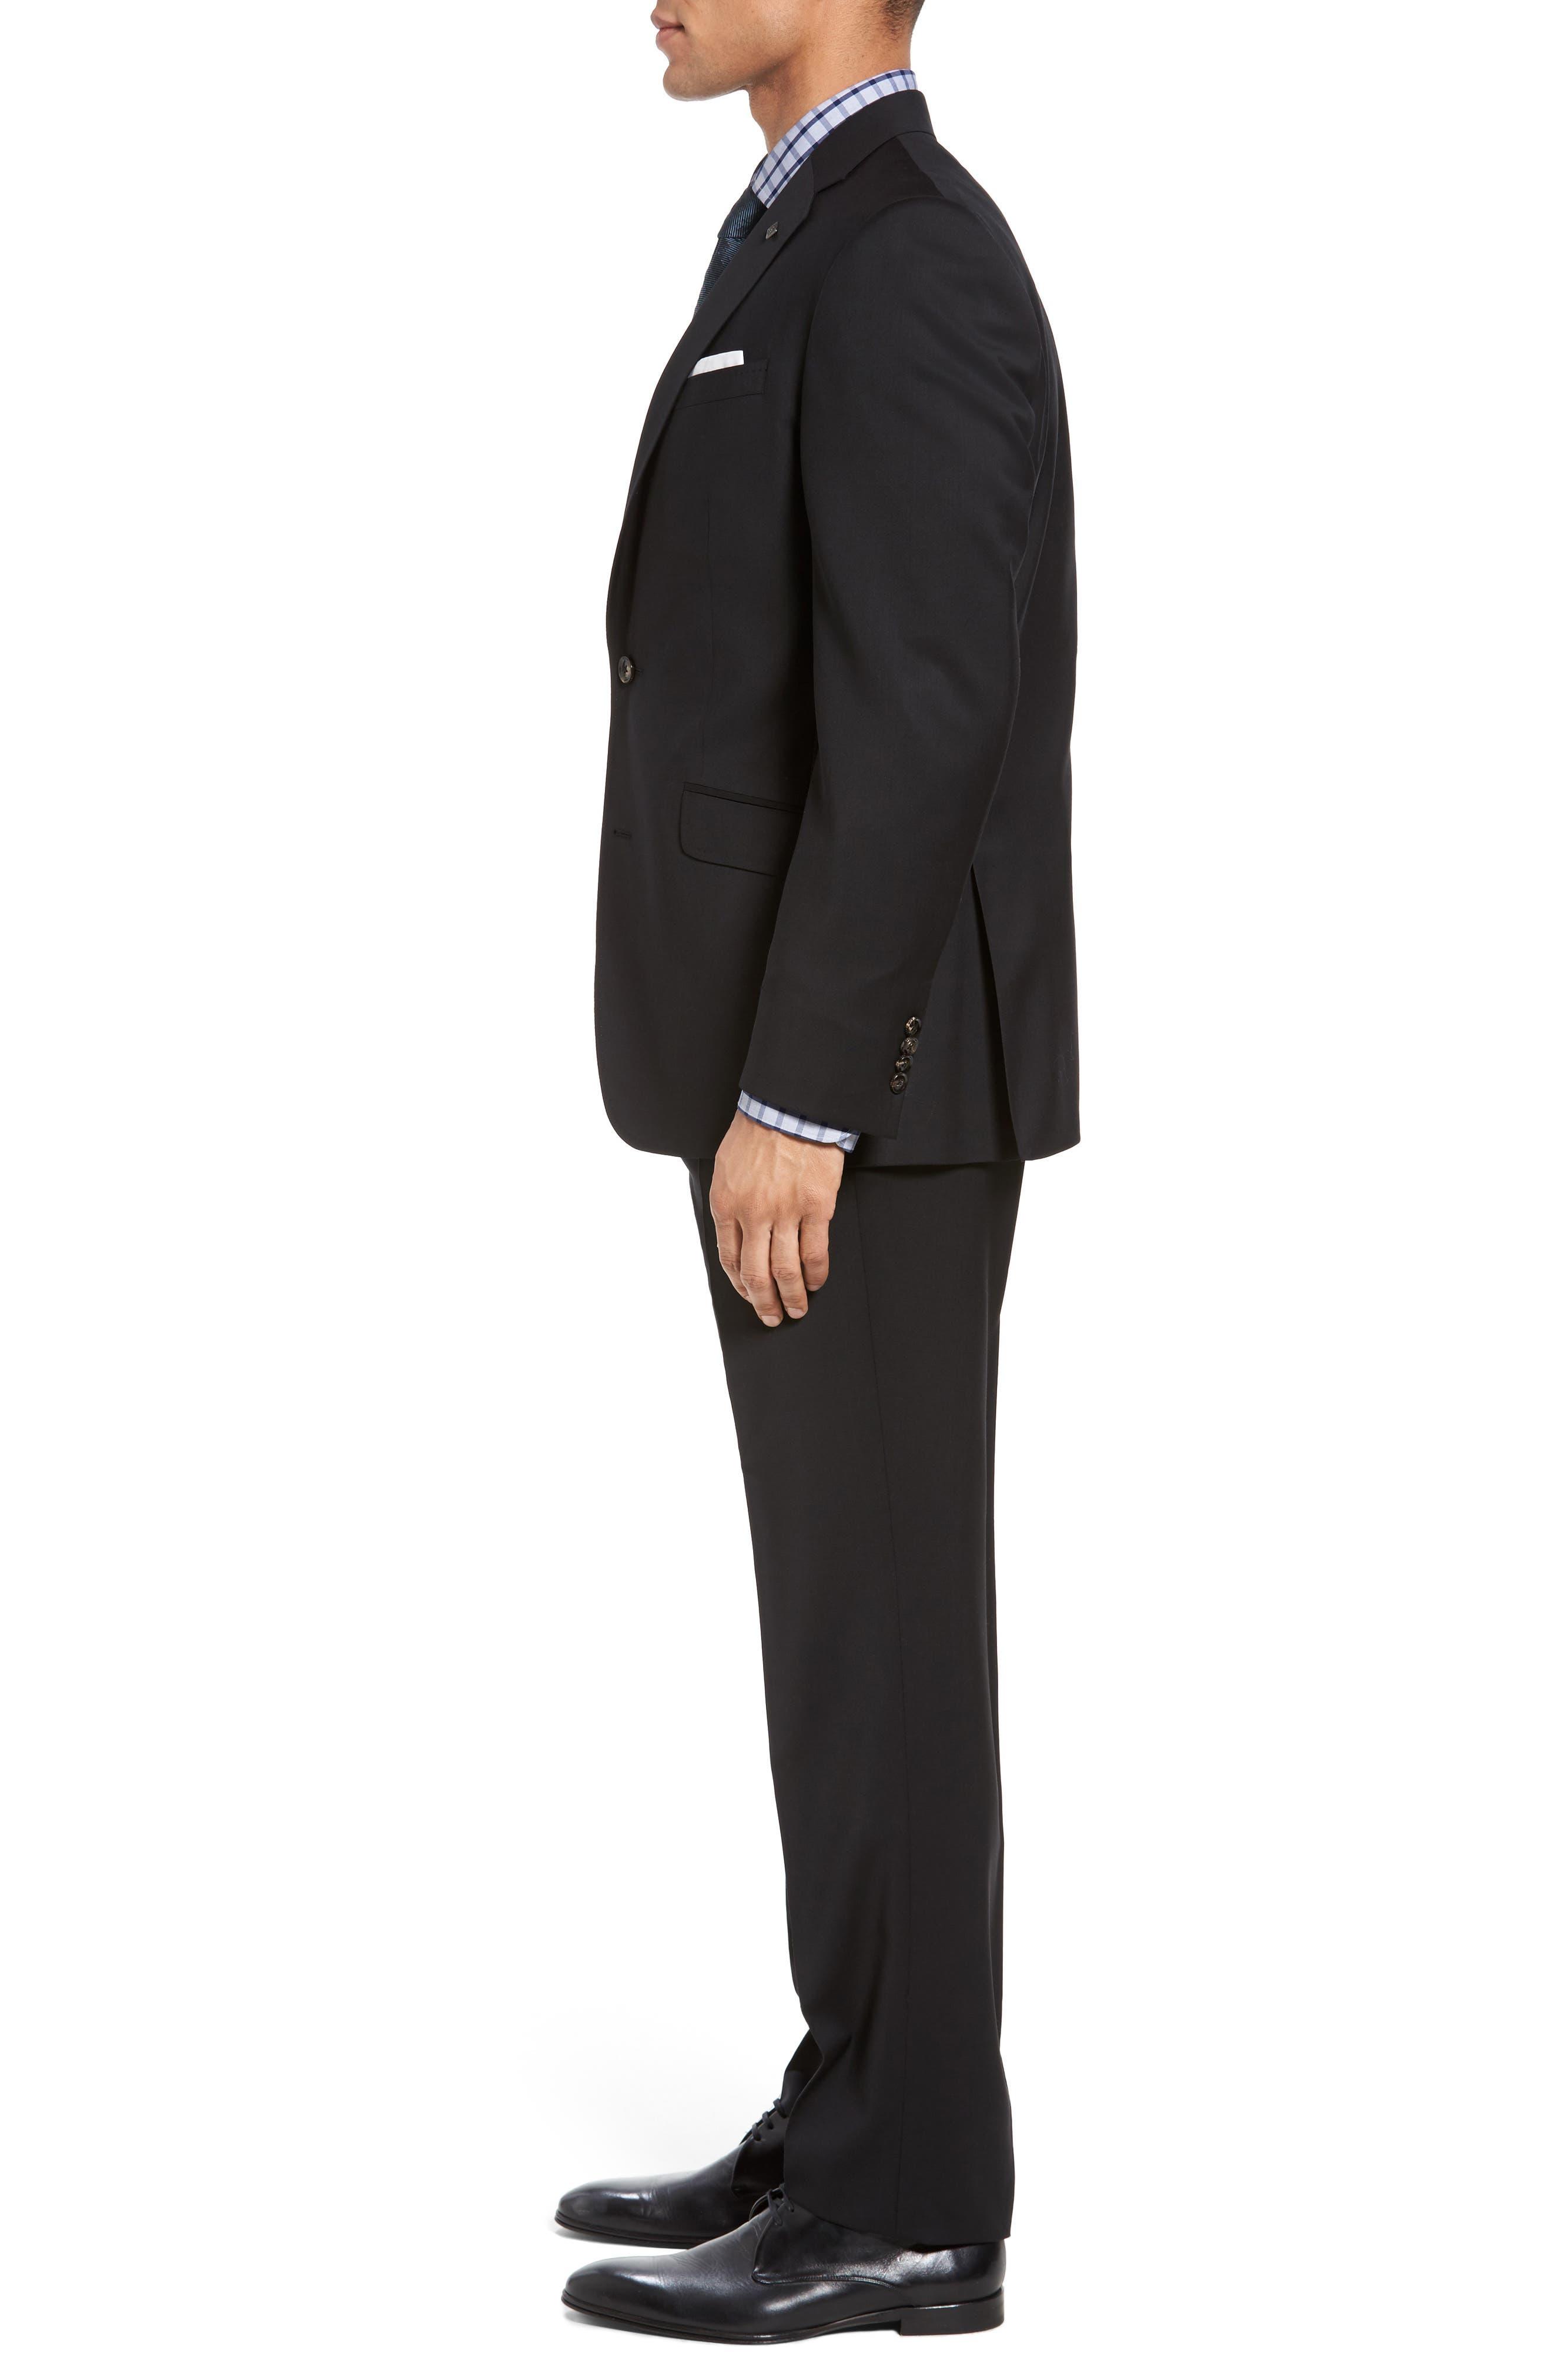 Jones Trim Fit Wool Suit,                             Alternate thumbnail 3, color,                             001